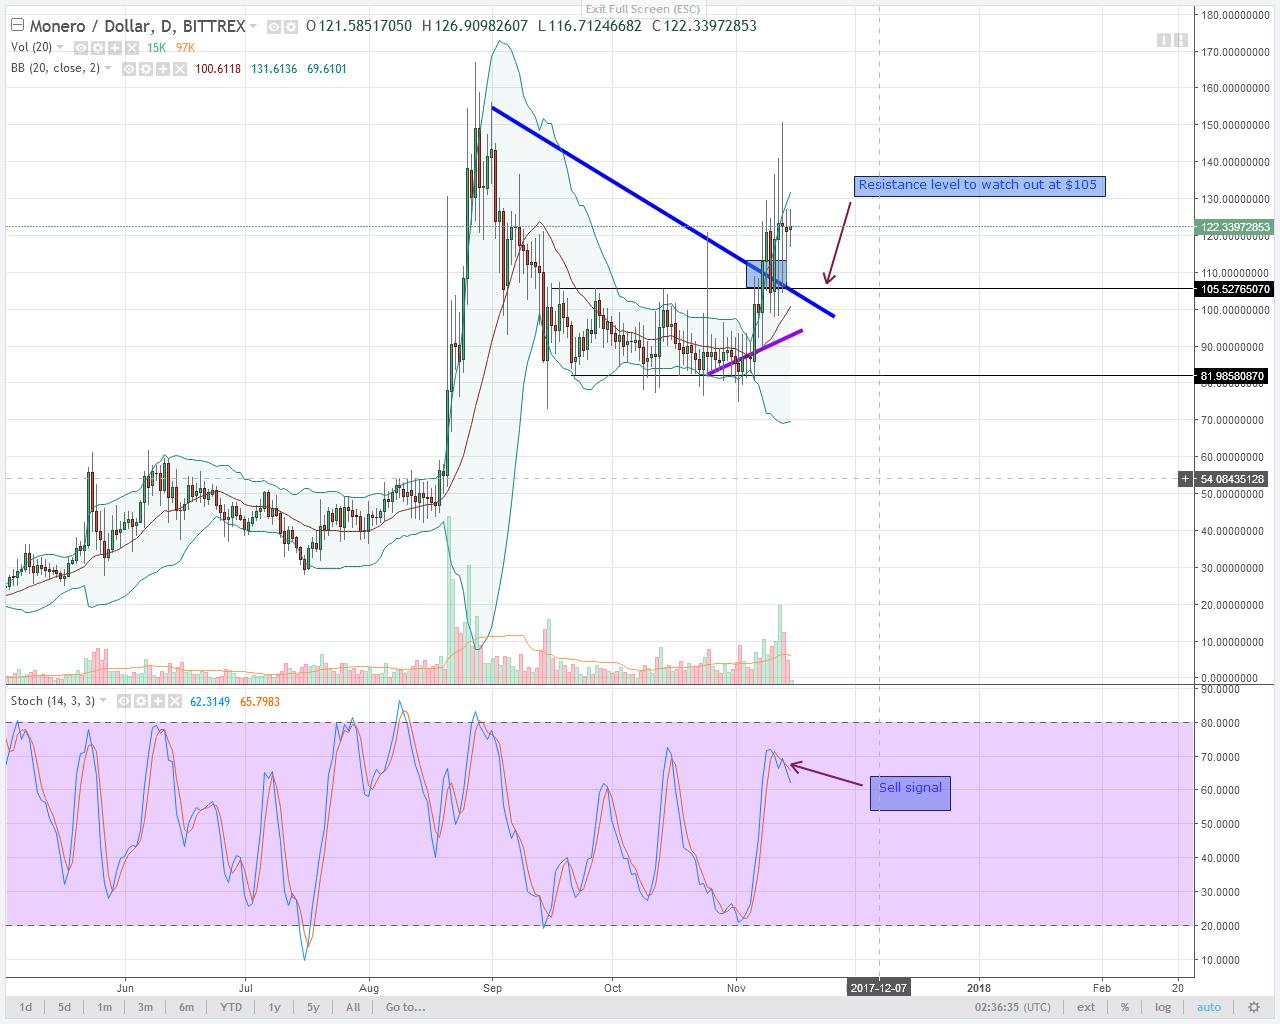 Bitcoin alternatives Monero Daily chart